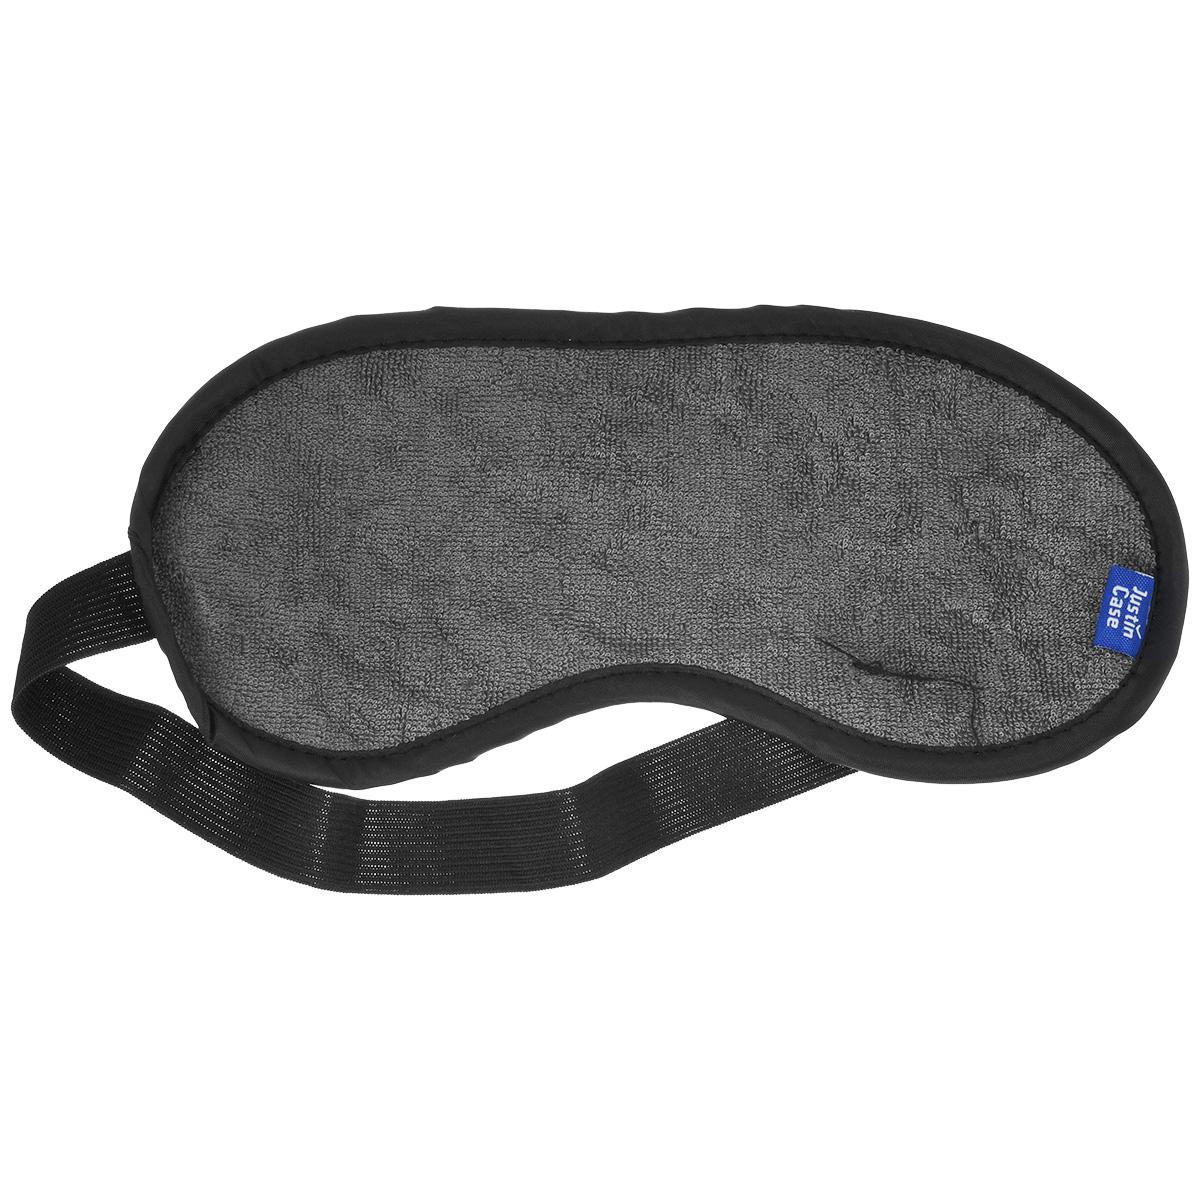 Маска для сна JustinCase, цвет: серый, черныйE5112GМаска для сна JustinCase надежно защитит ваш крепкий сон, а ее приятная текстура обеспечит максимальный комфорт. Благодаря резинке маска имеет универсальный размер. Спите с комфортом, где бы вы ни были! Размер рабочей части: 21,5 см х 9 см.